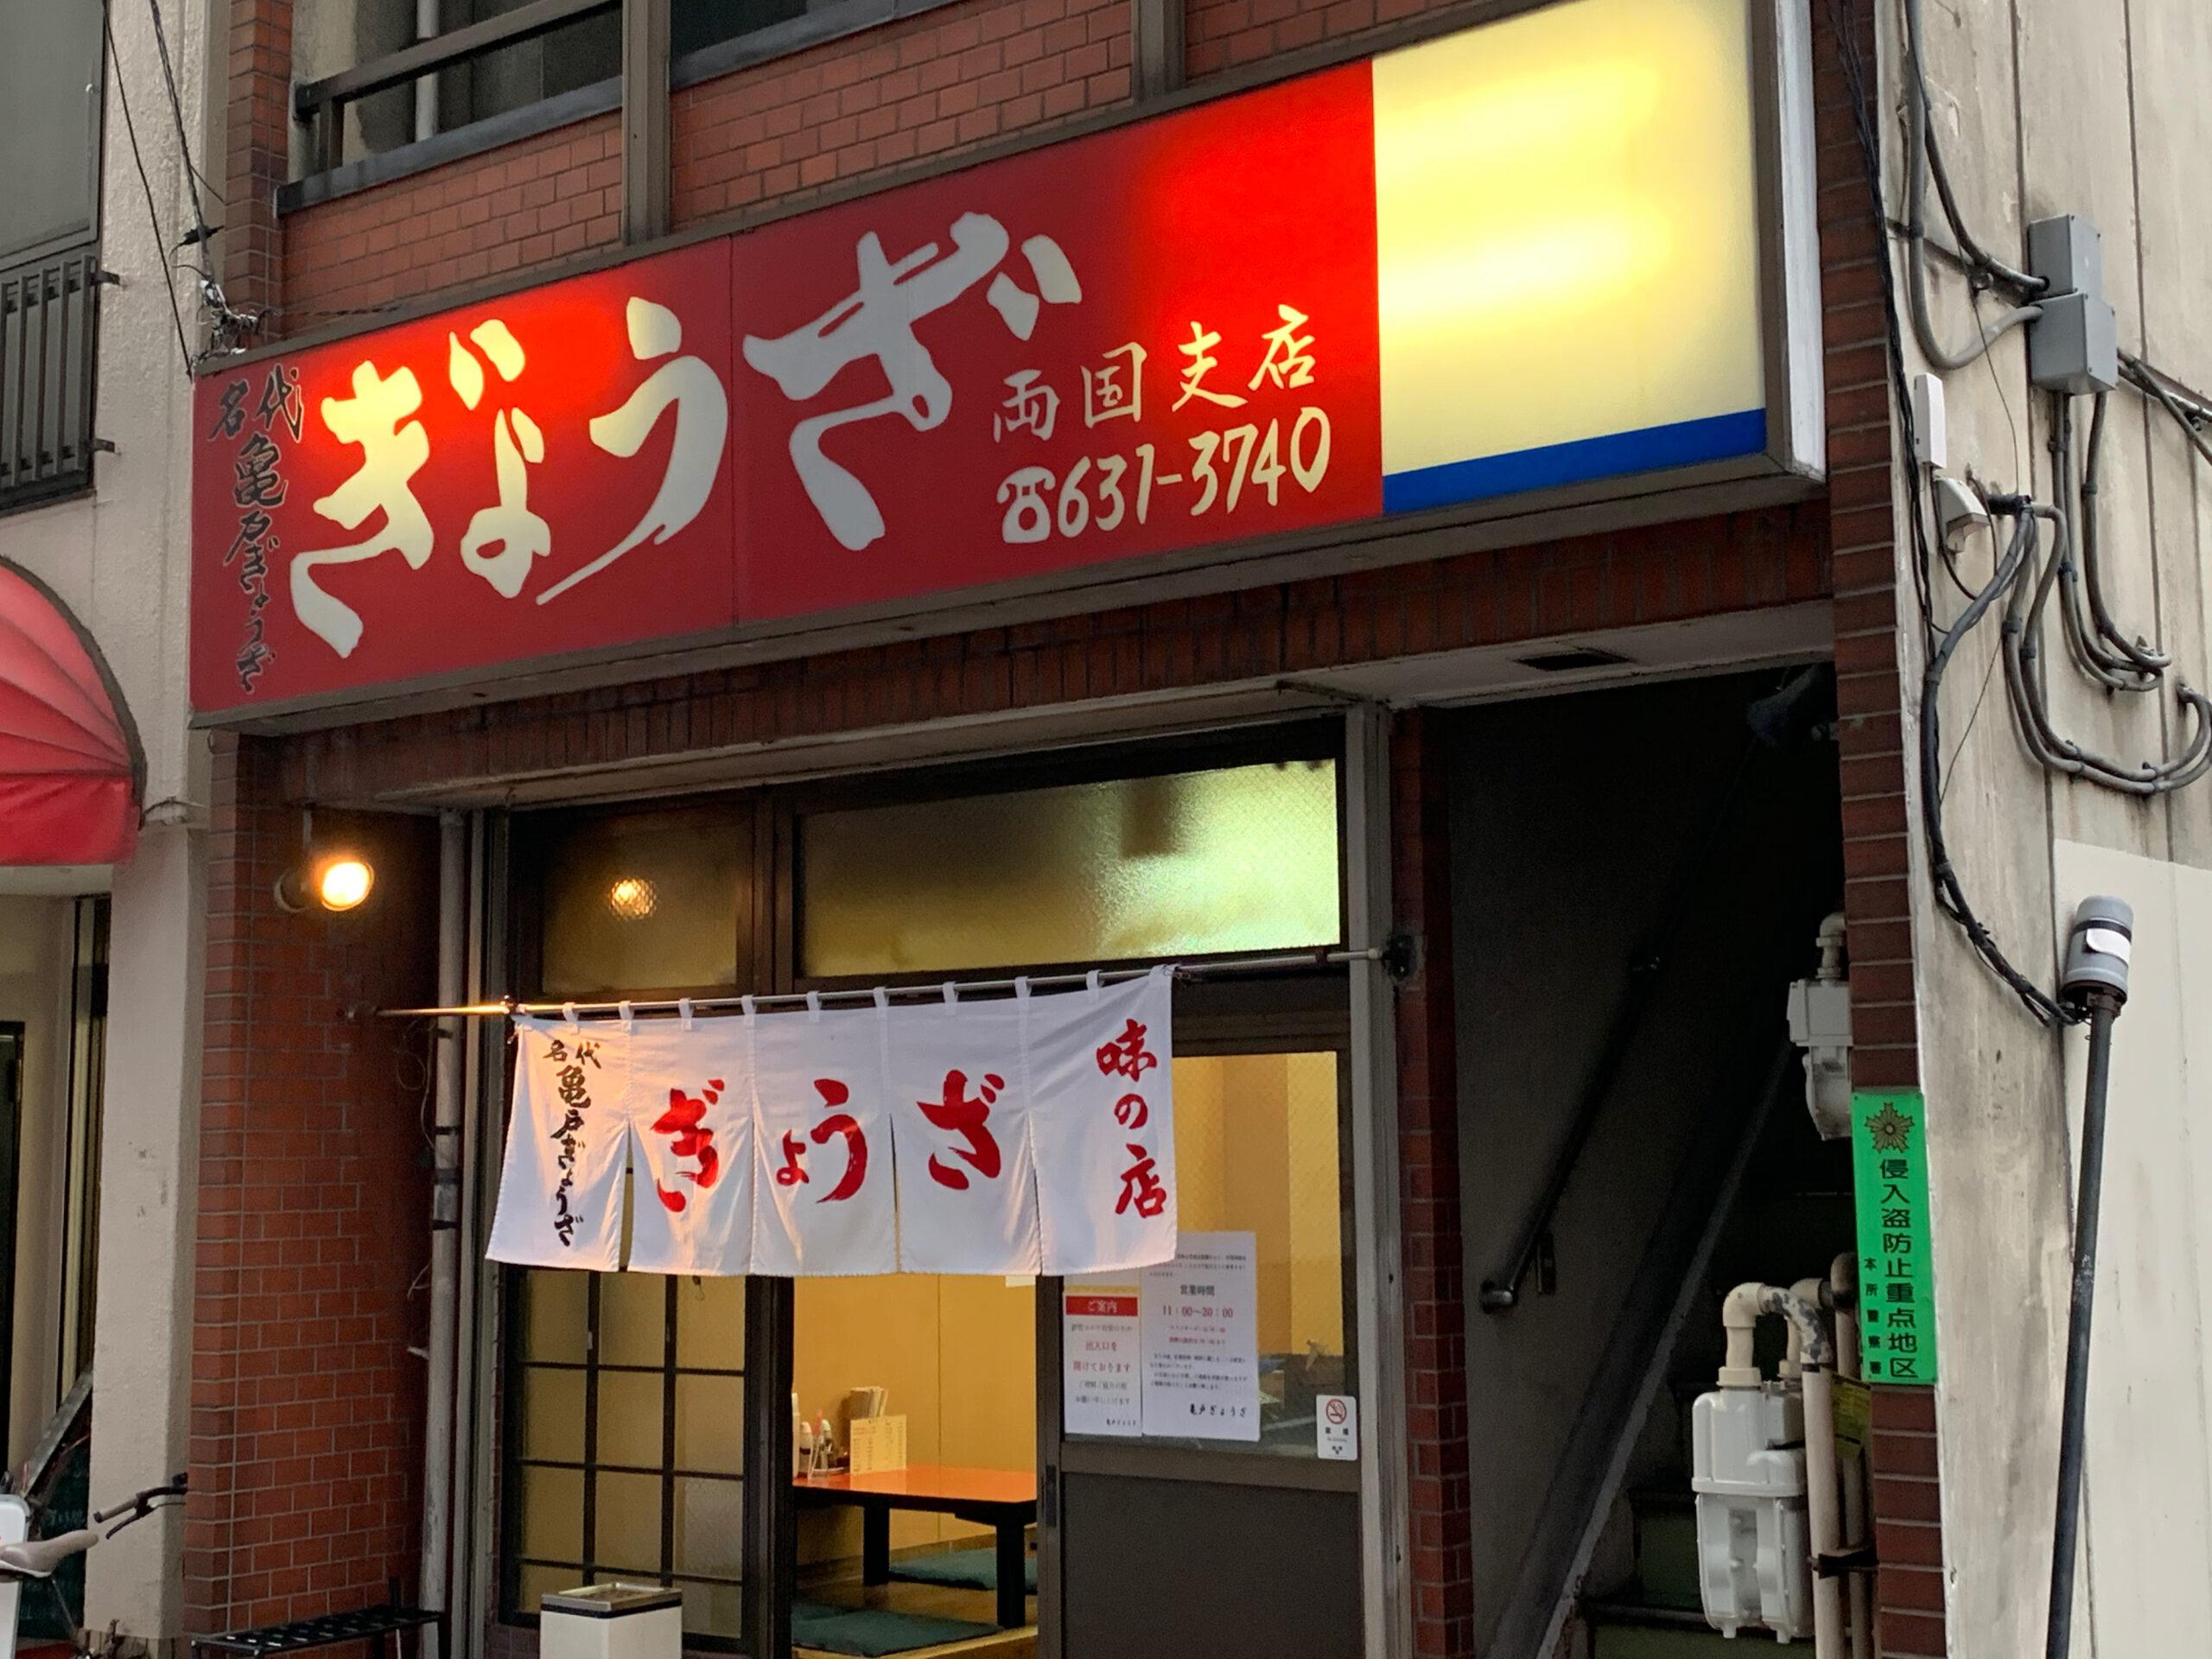 【亀戸餃子両国支店】餃子やラーメンもいつもと変わらない安心・安定の美味しい味でした